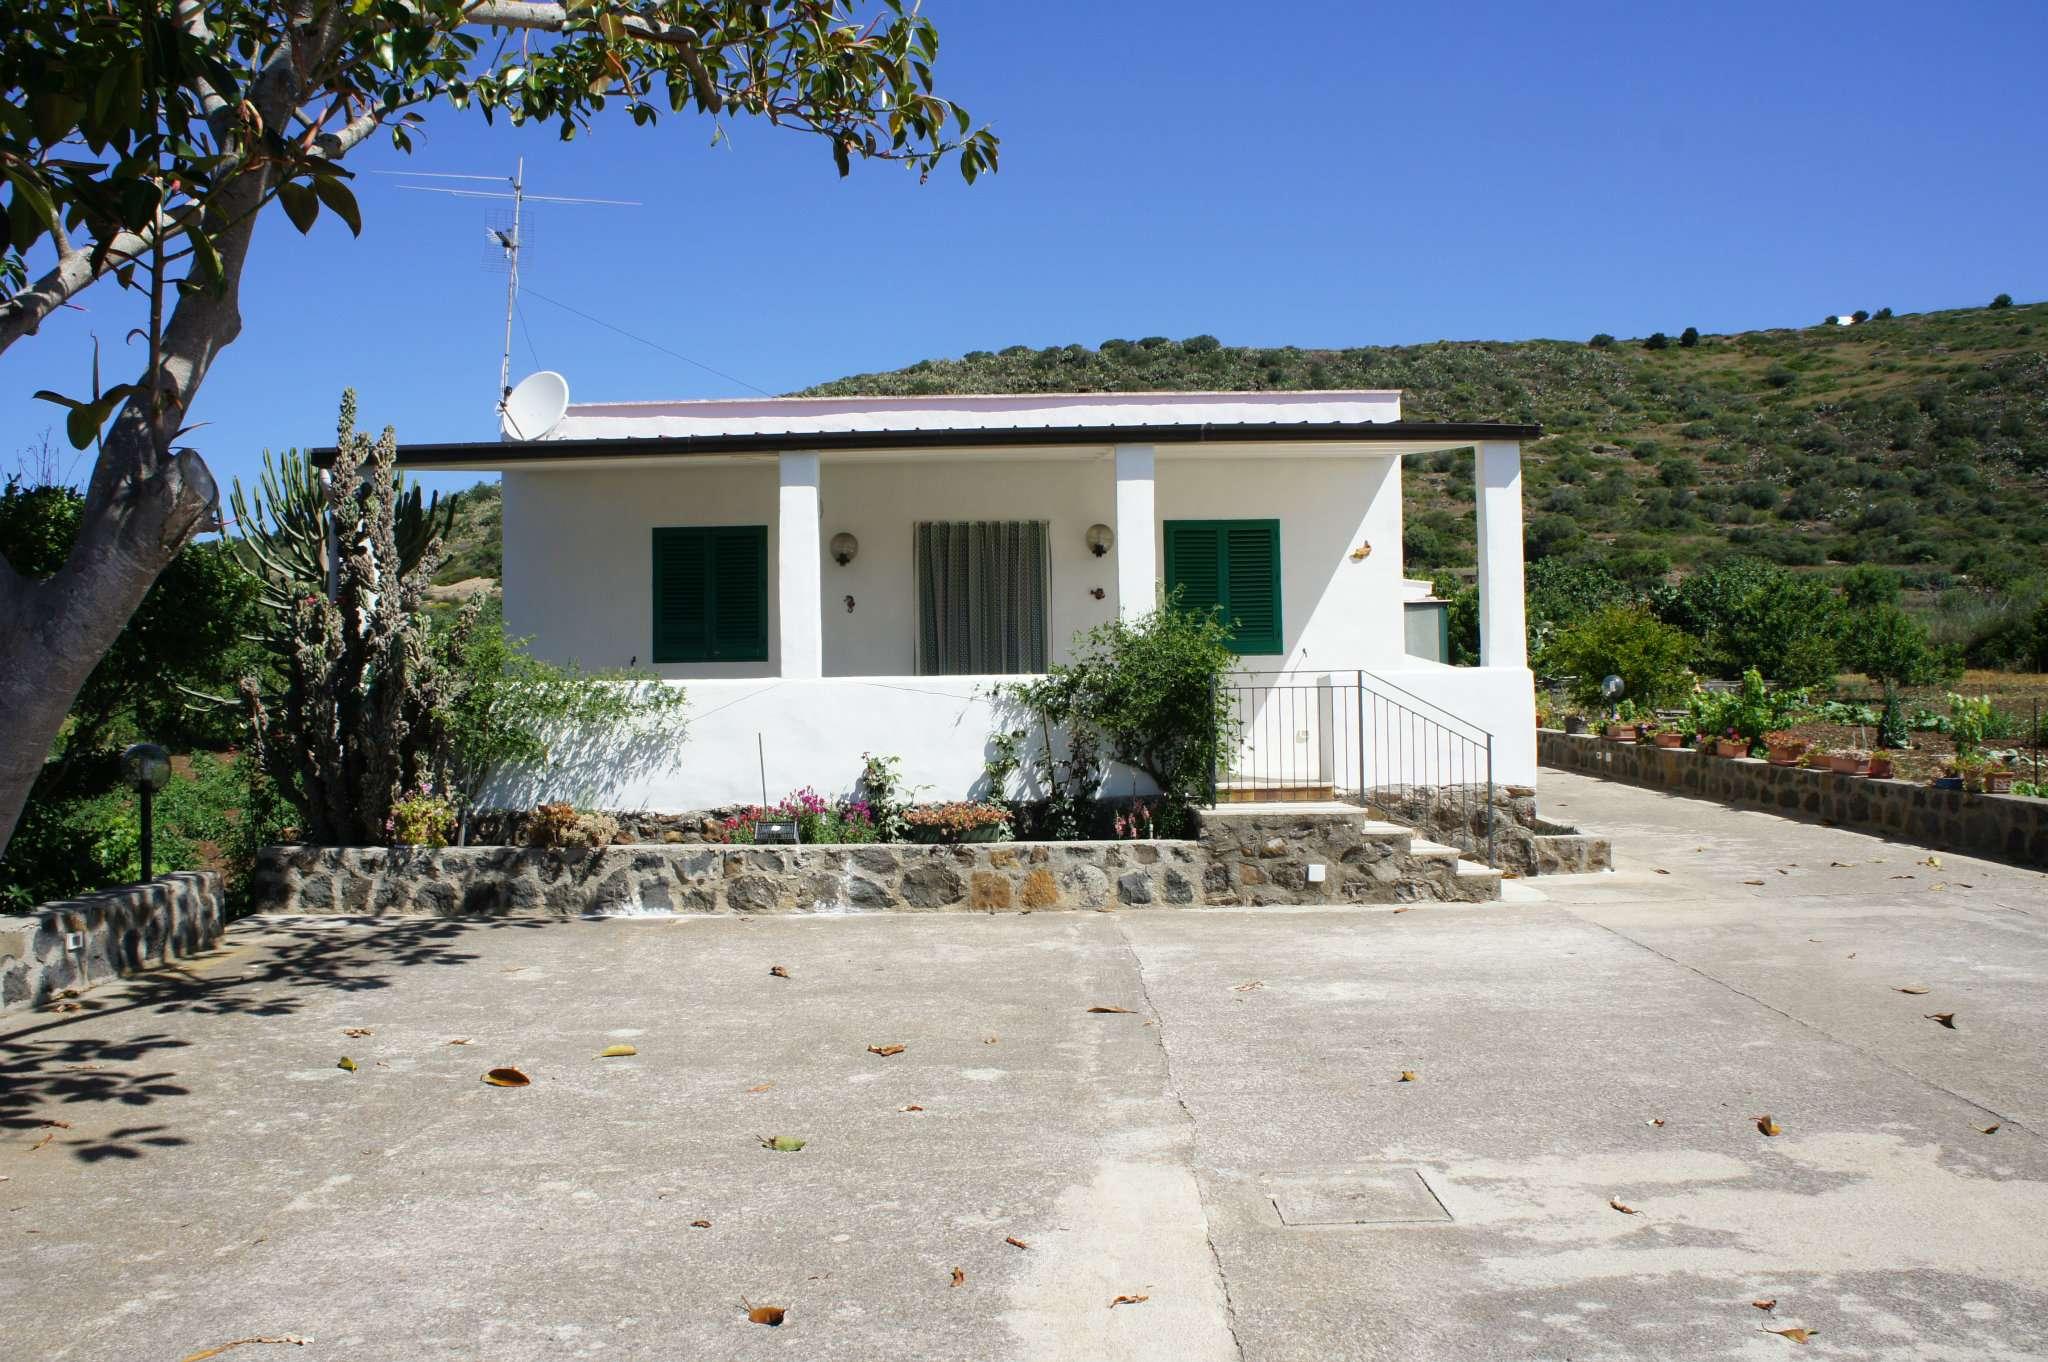 Casa indipendente in Affitto a Ustica: 4 locali, 140 mq